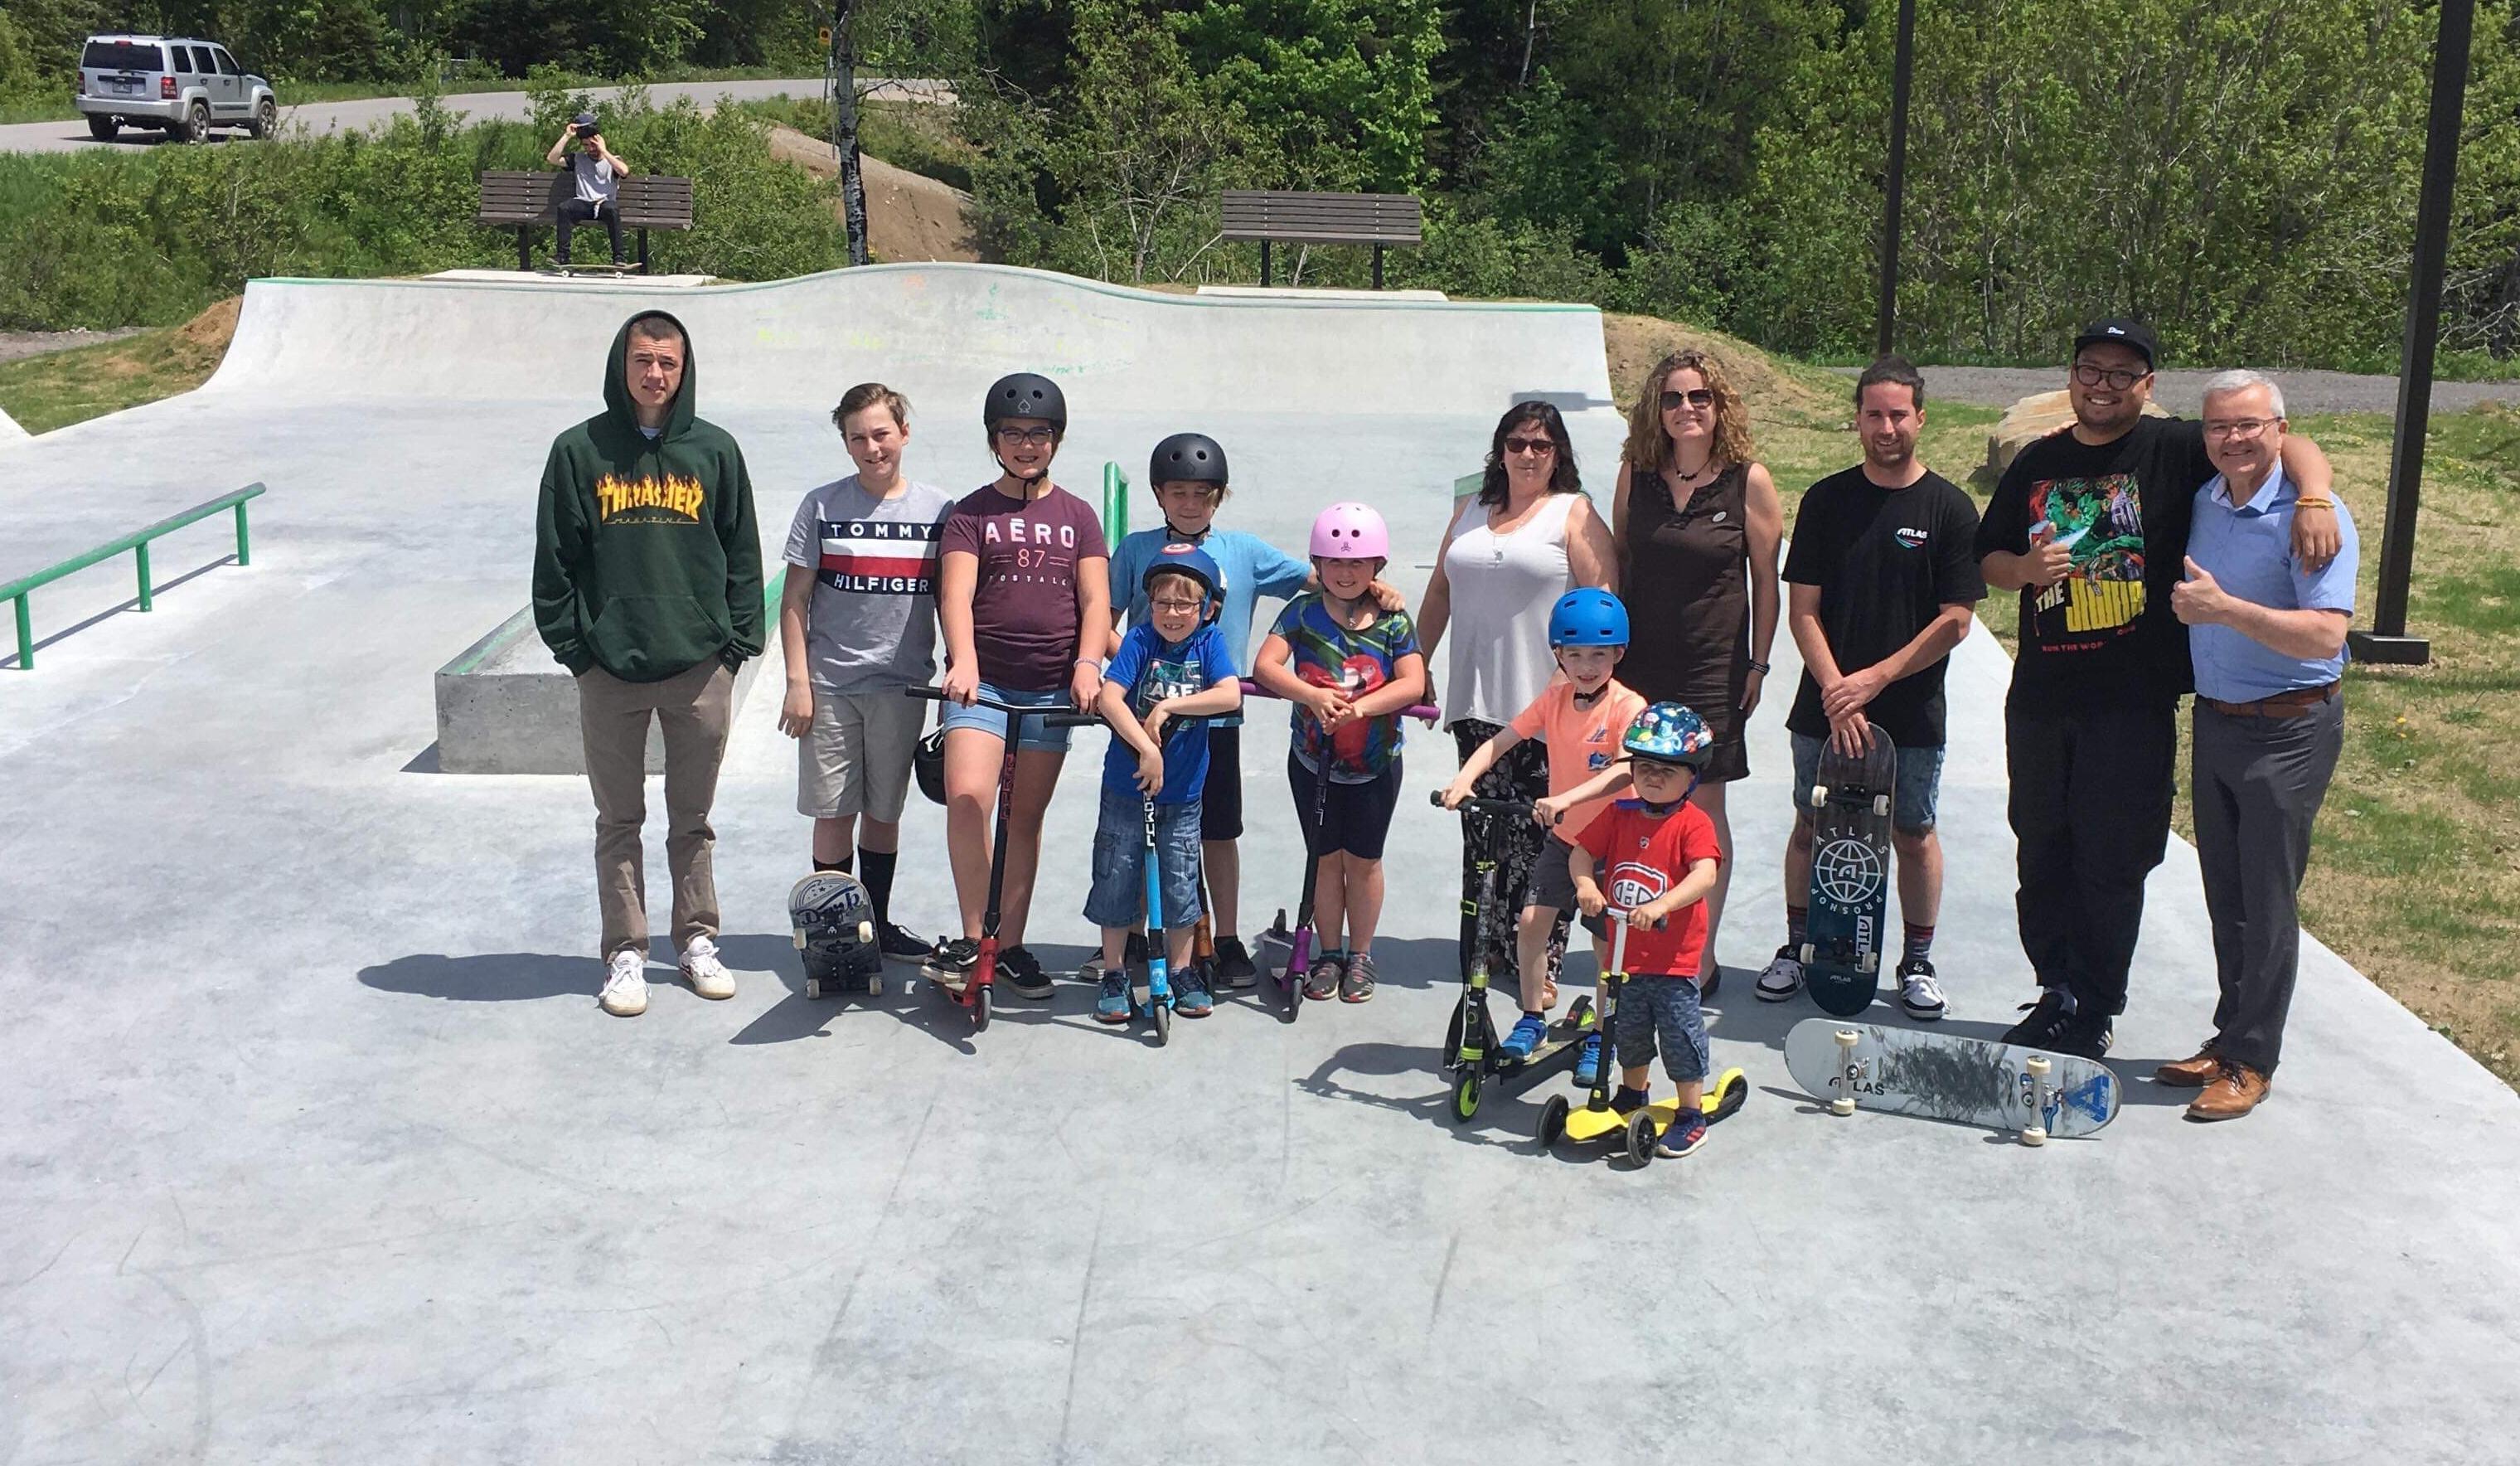 Inauguration skate park